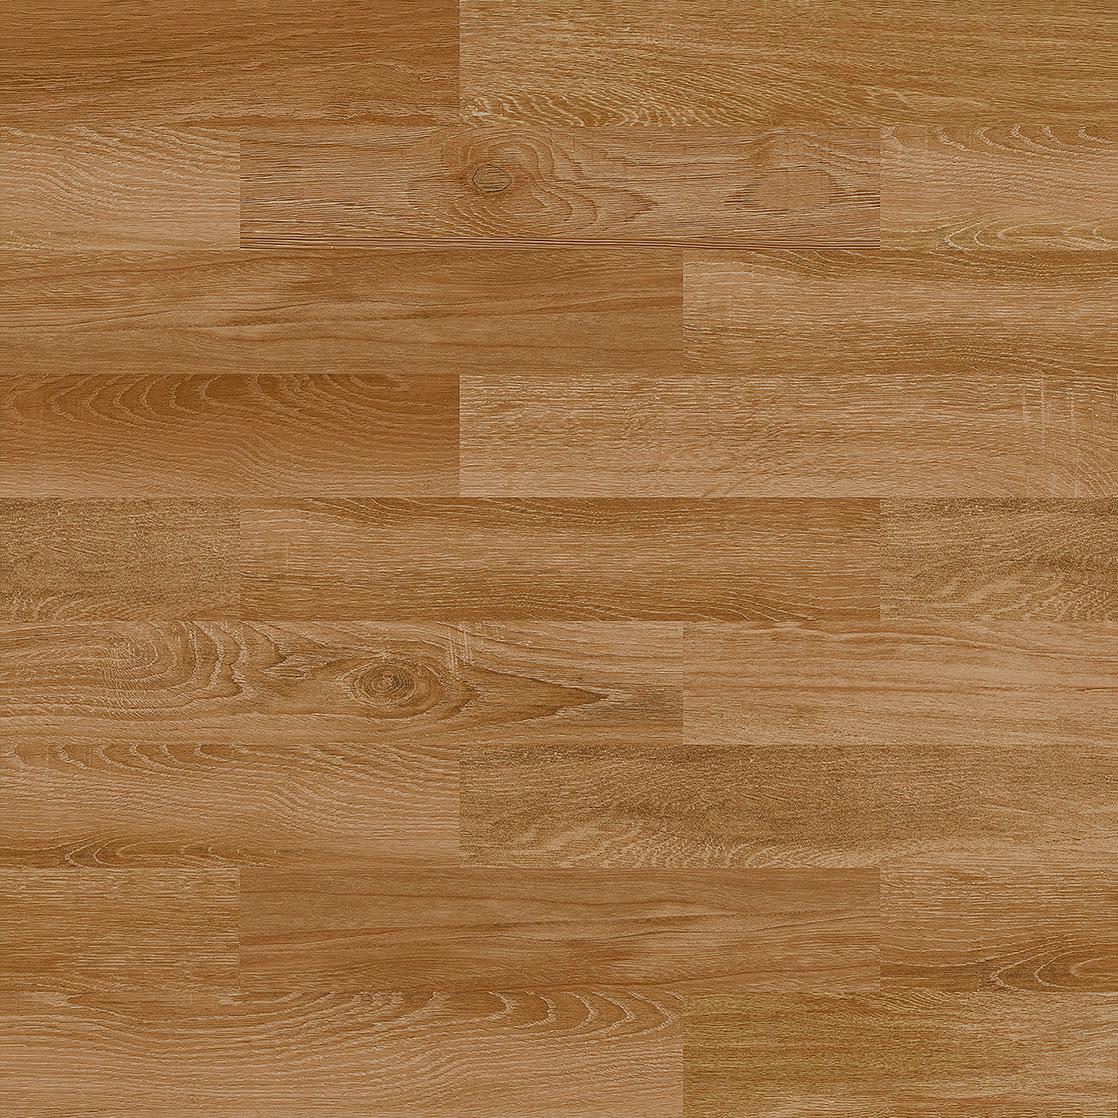 Gạch vân gỗ 600x600 Viglacera VG6004 giá rẻ